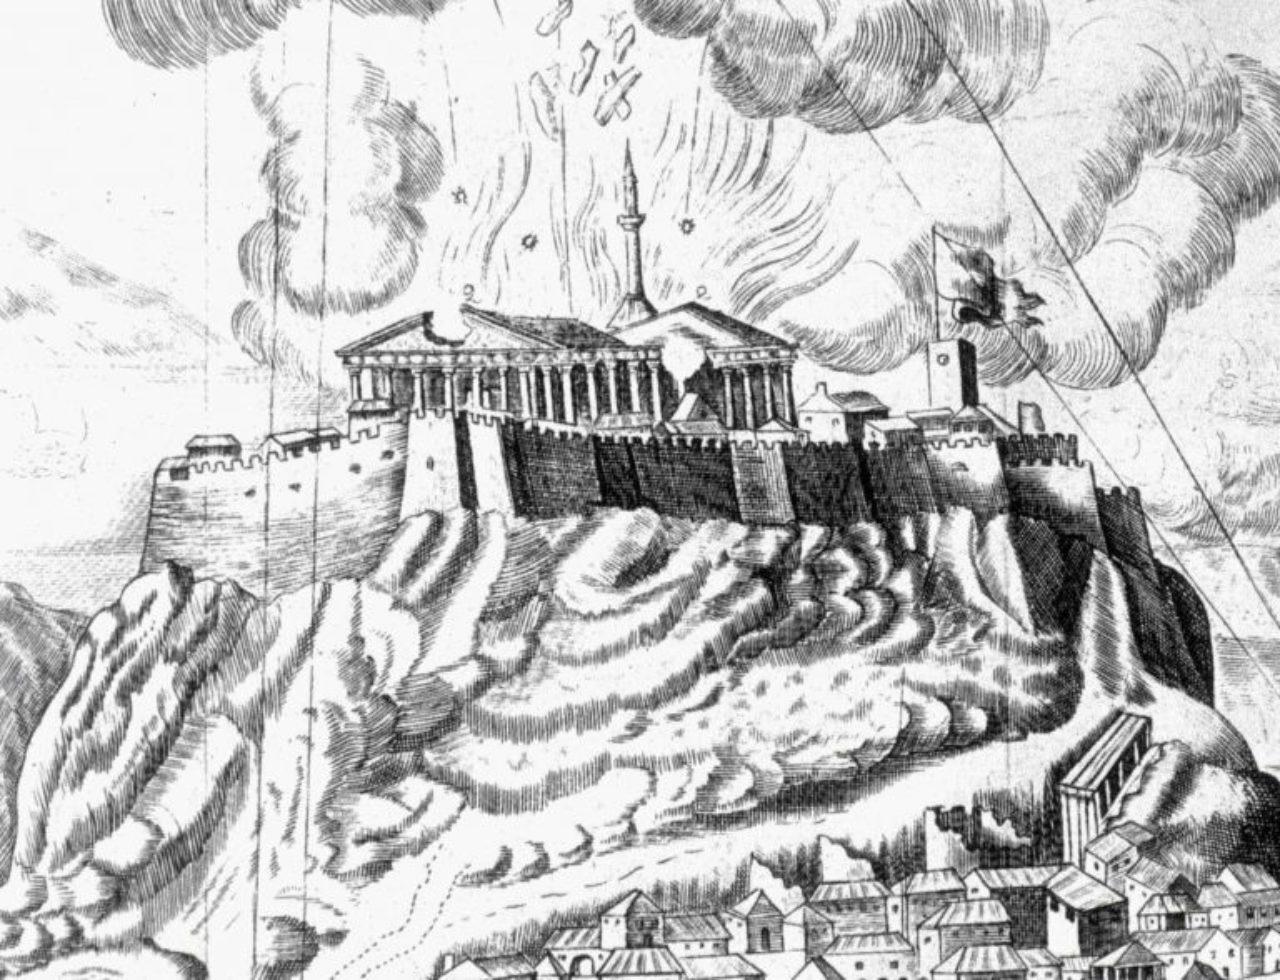 Figure 1: Parthenon, 1687 bombardment. (Atene Attica-, Francesco Fanelli; 1701)